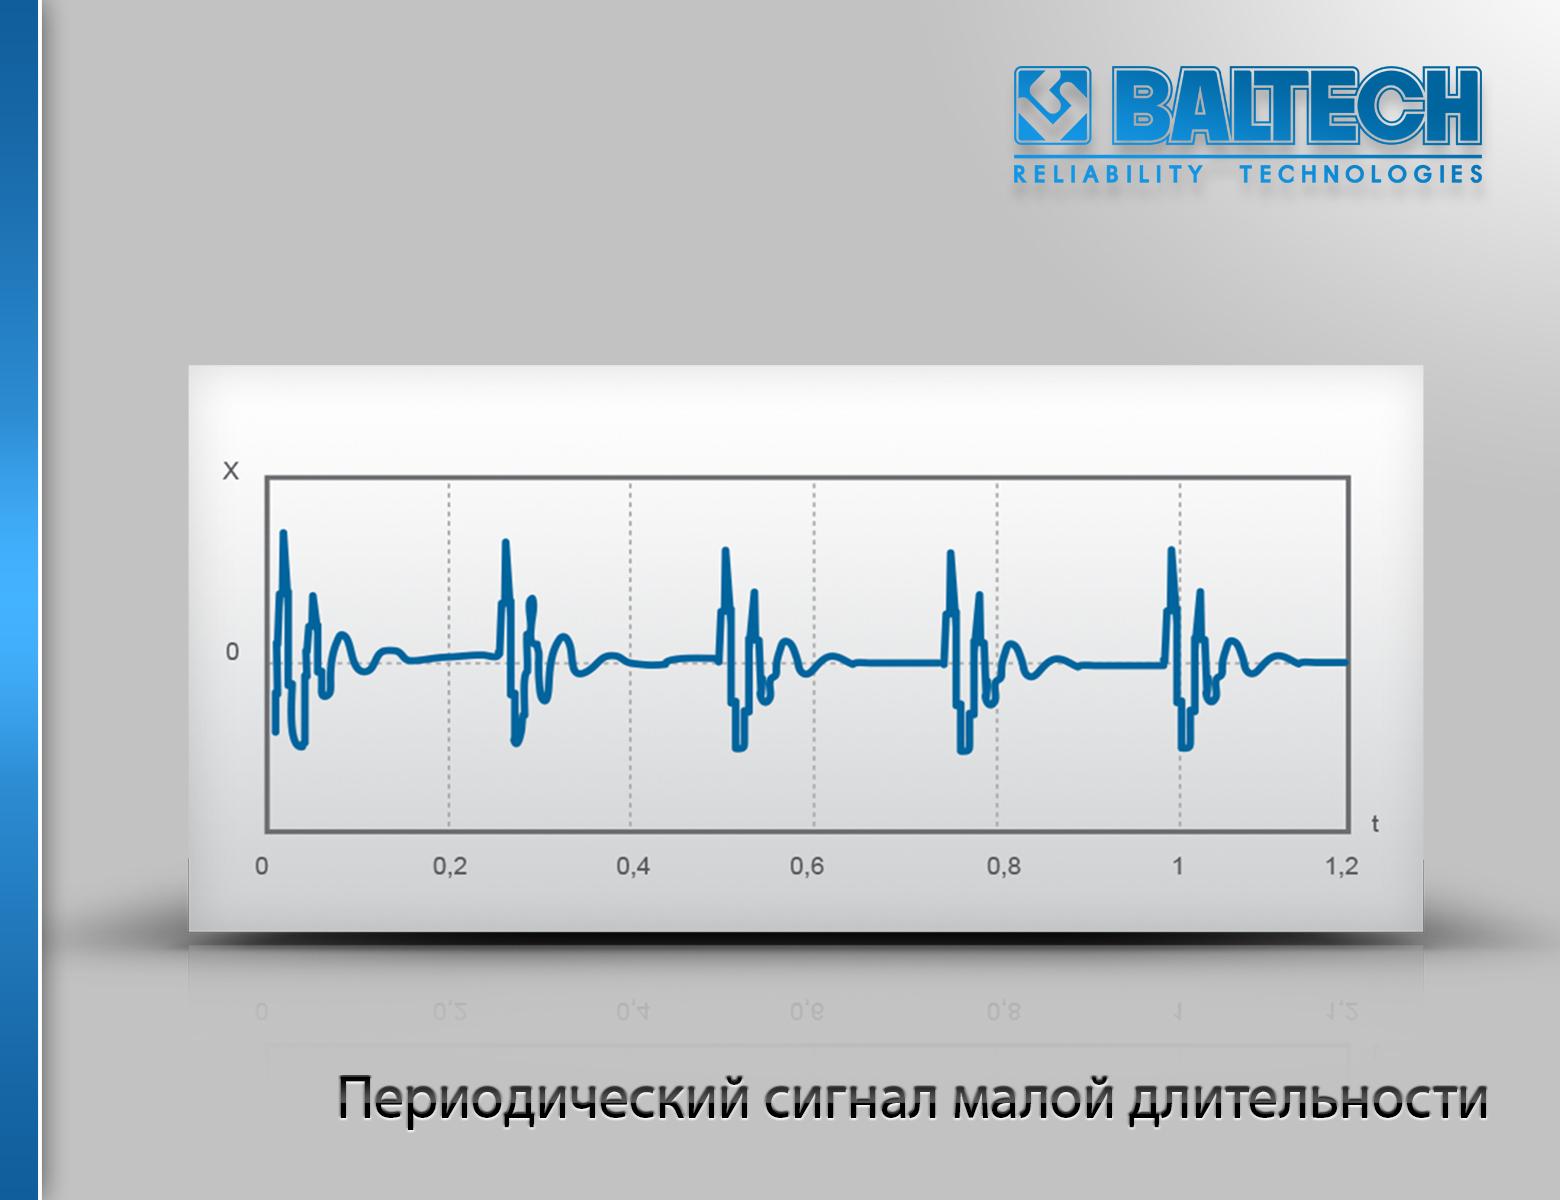 Периодический сигнал малой длительности, временной сигнал, вибродиагностика